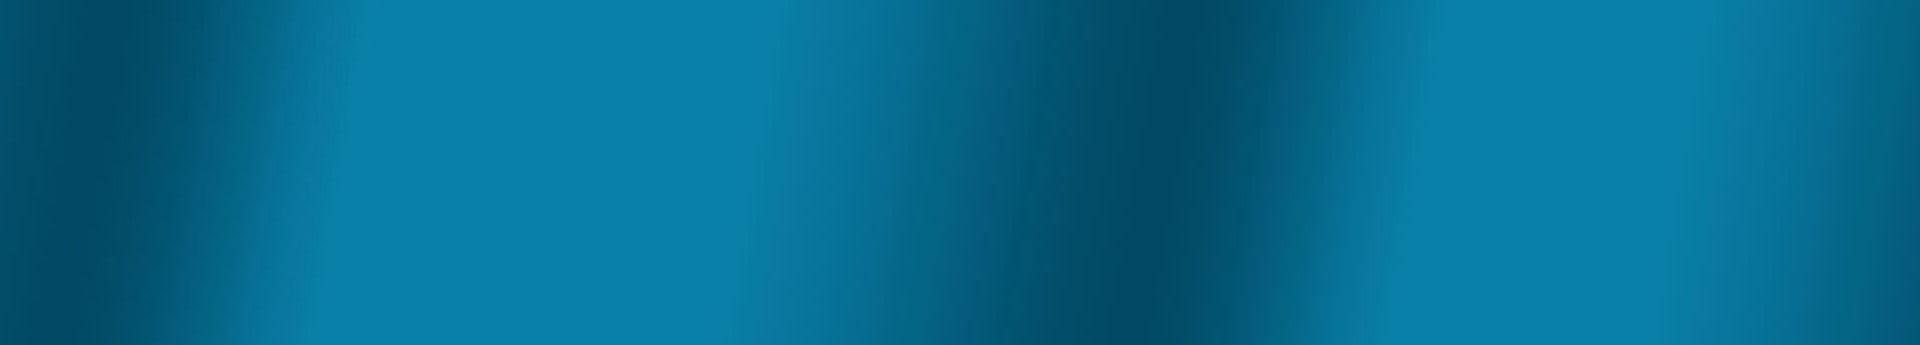 blueback-webuy